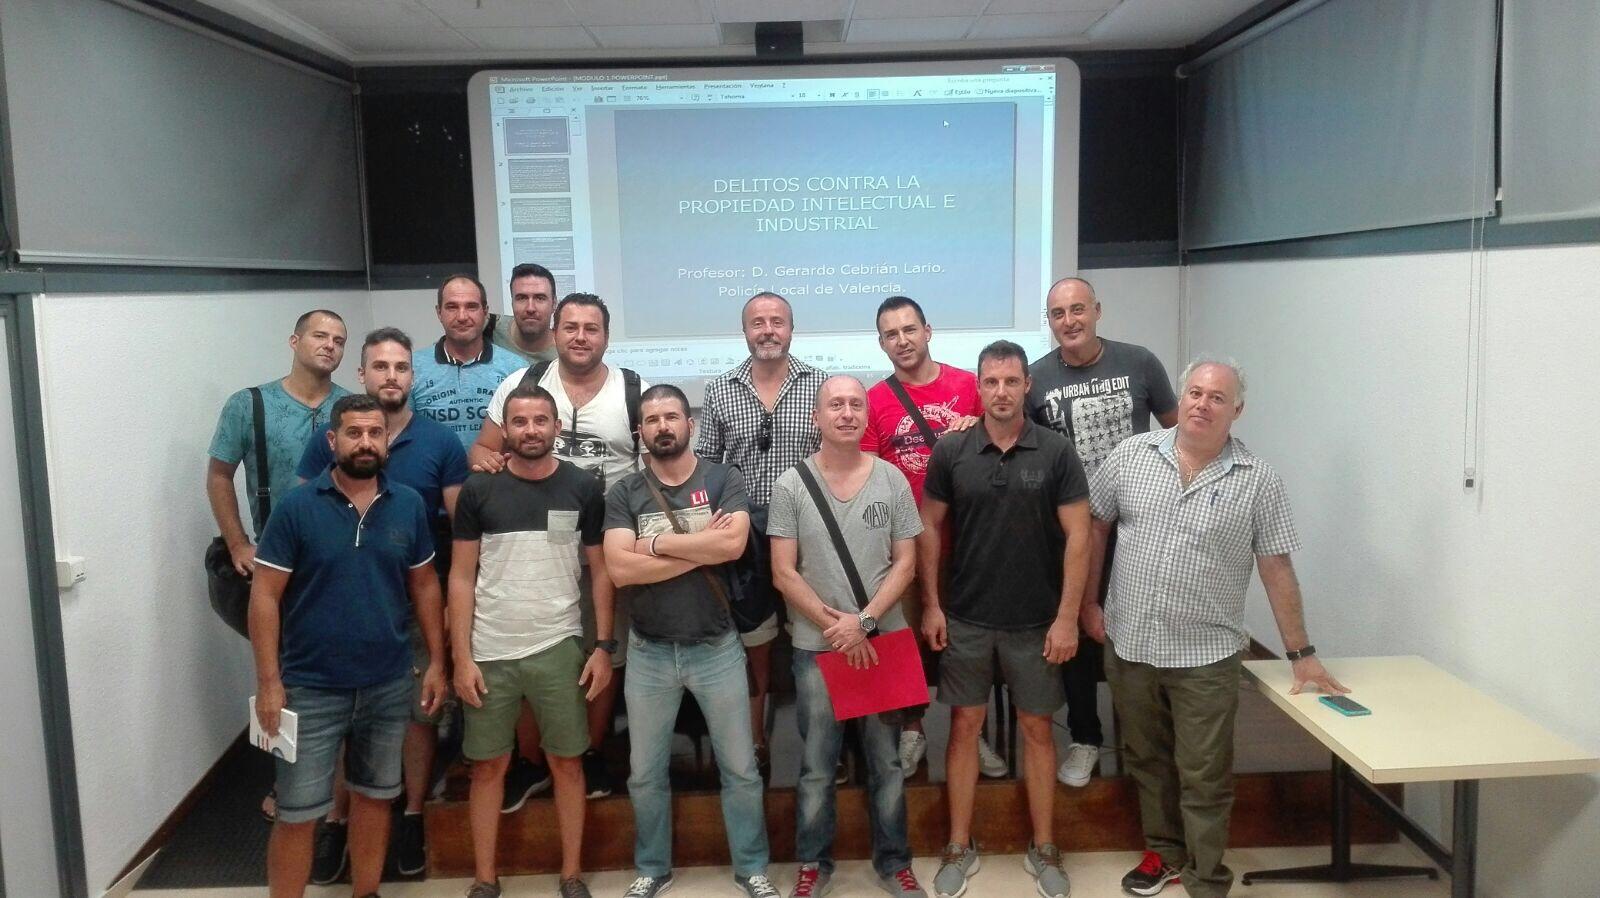 La Policía Local de l'Eliana ha programado diversos cursos para los agentes, el último un taller contra delitos de la propiedad intelectual.